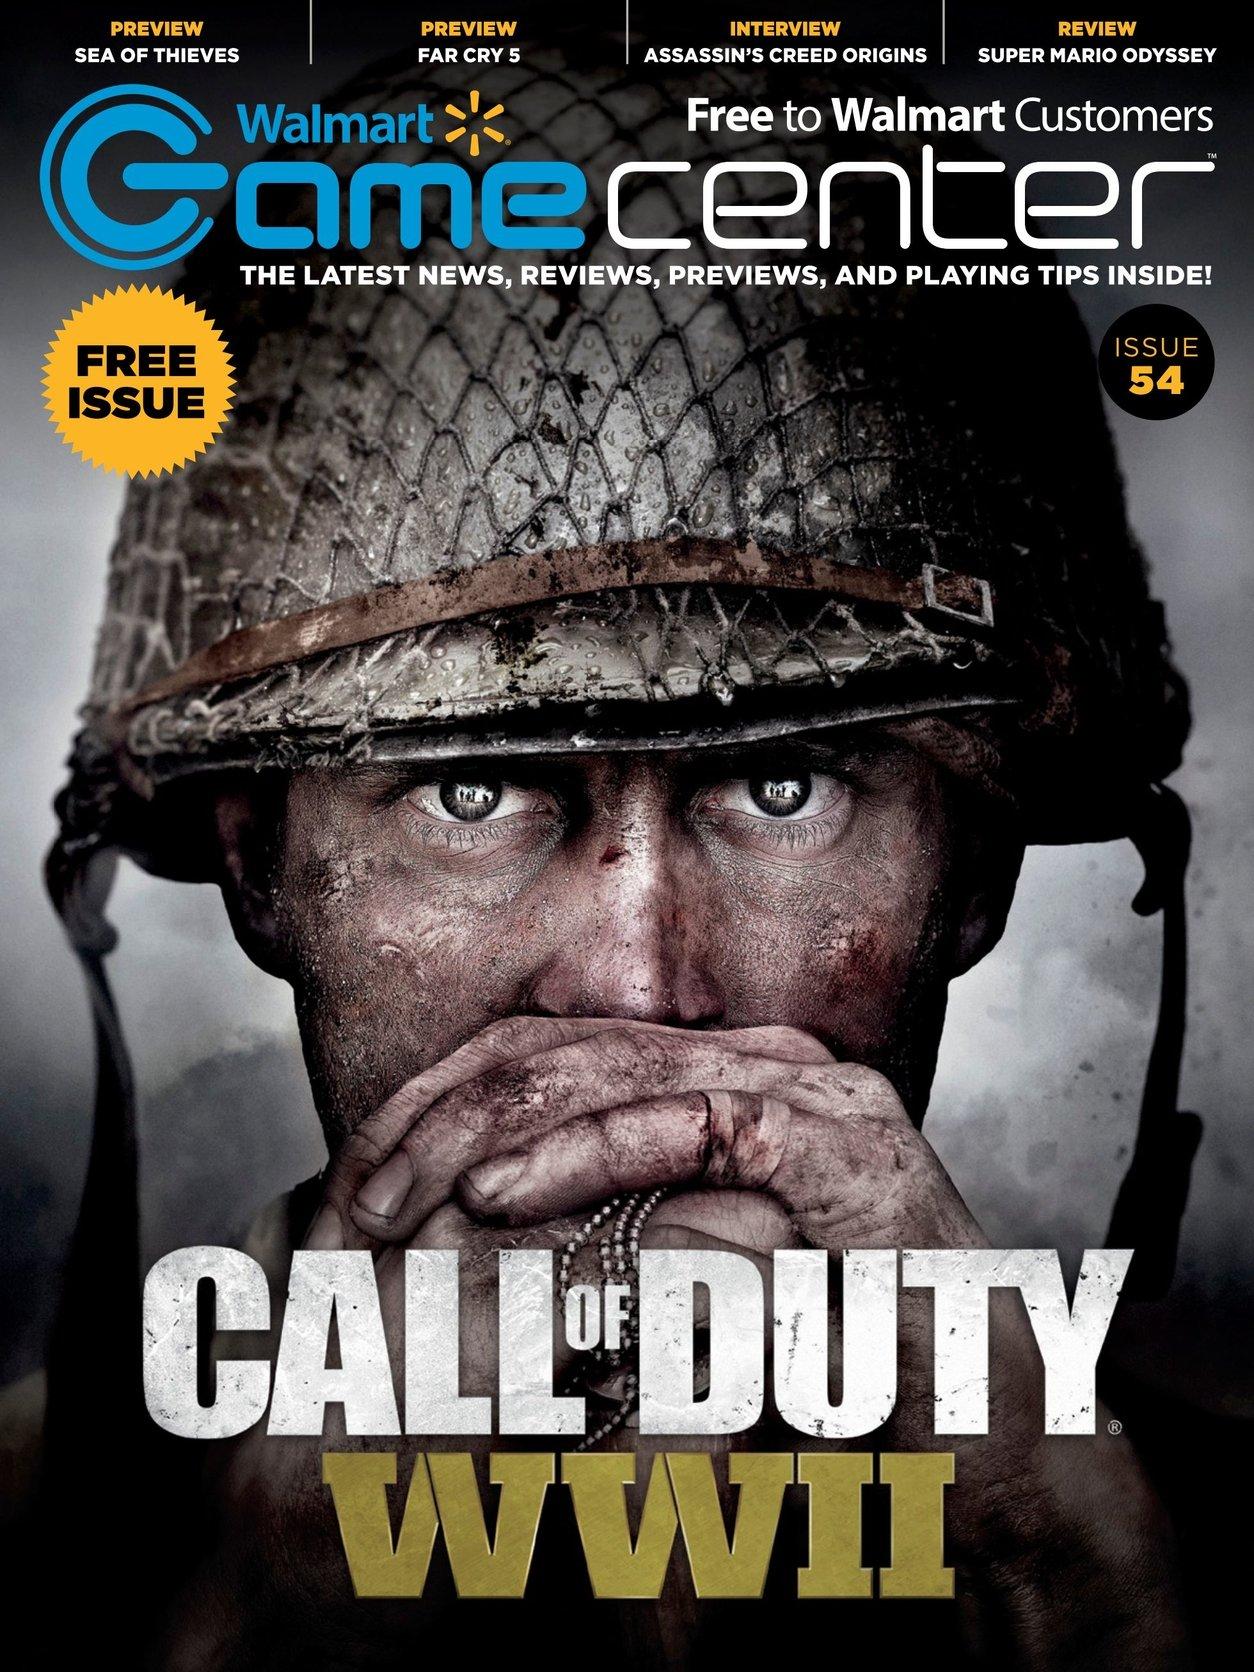 Walmart GameCenter Issue 054